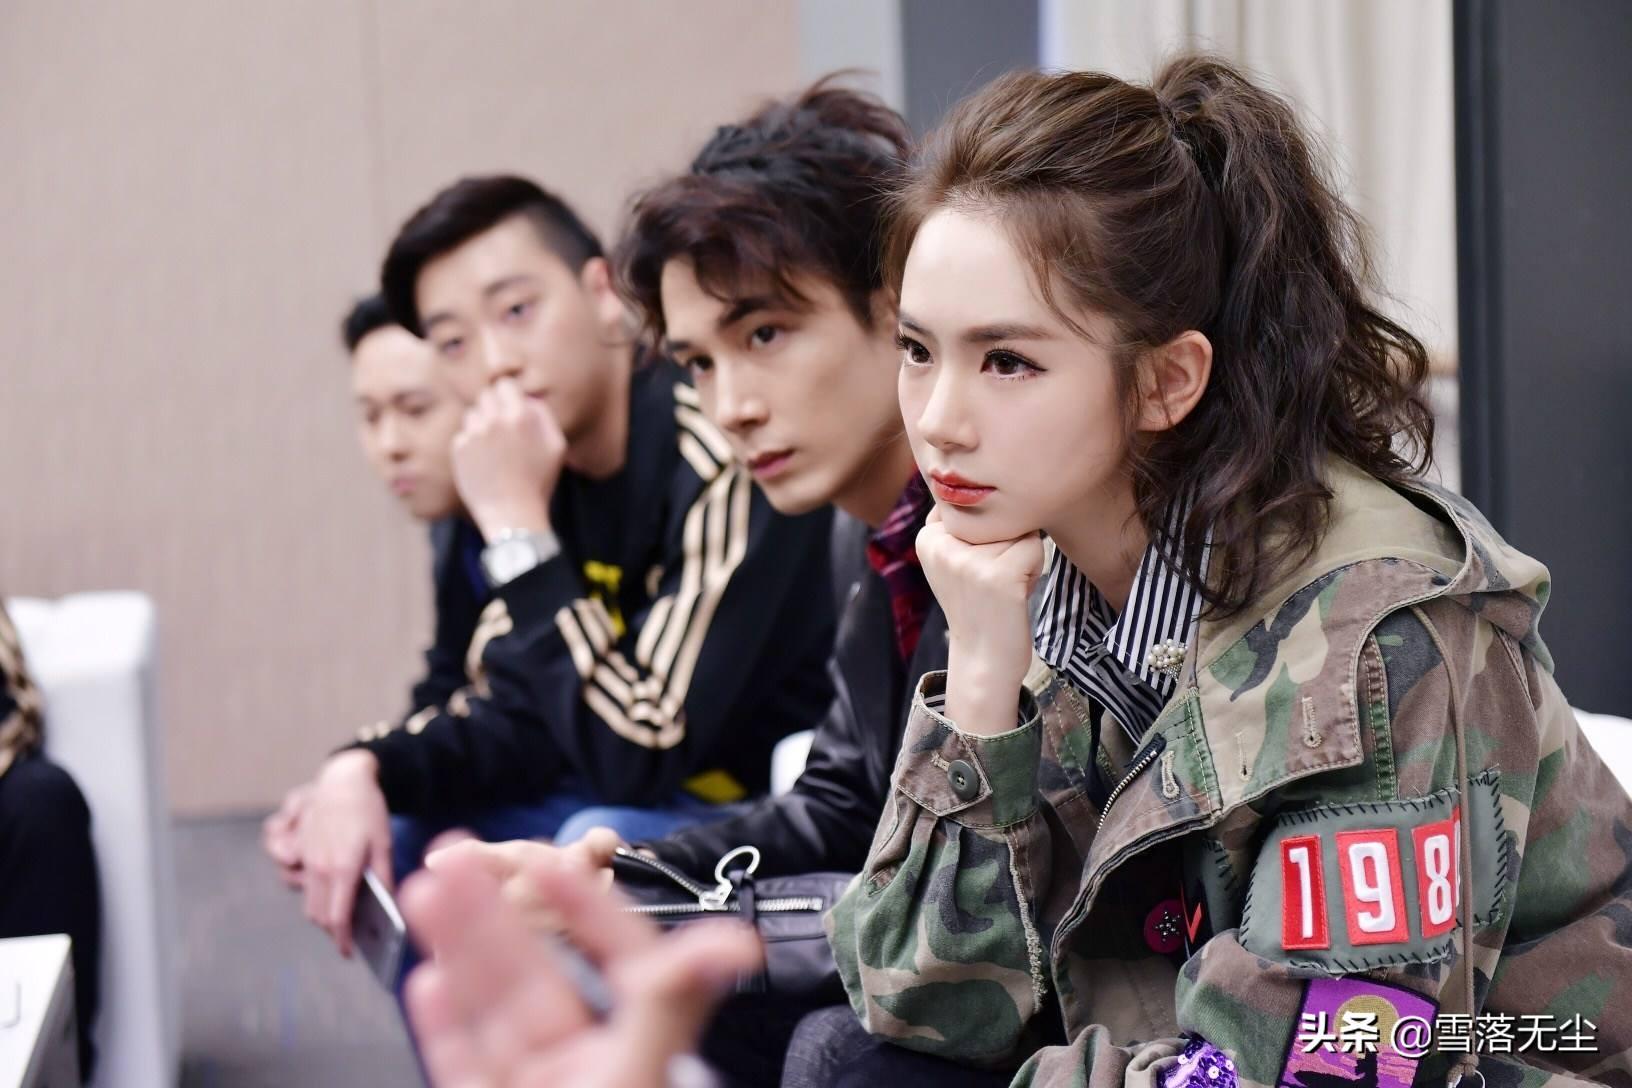 戚薇李承铉:遇见你,我才知道什么是对的人